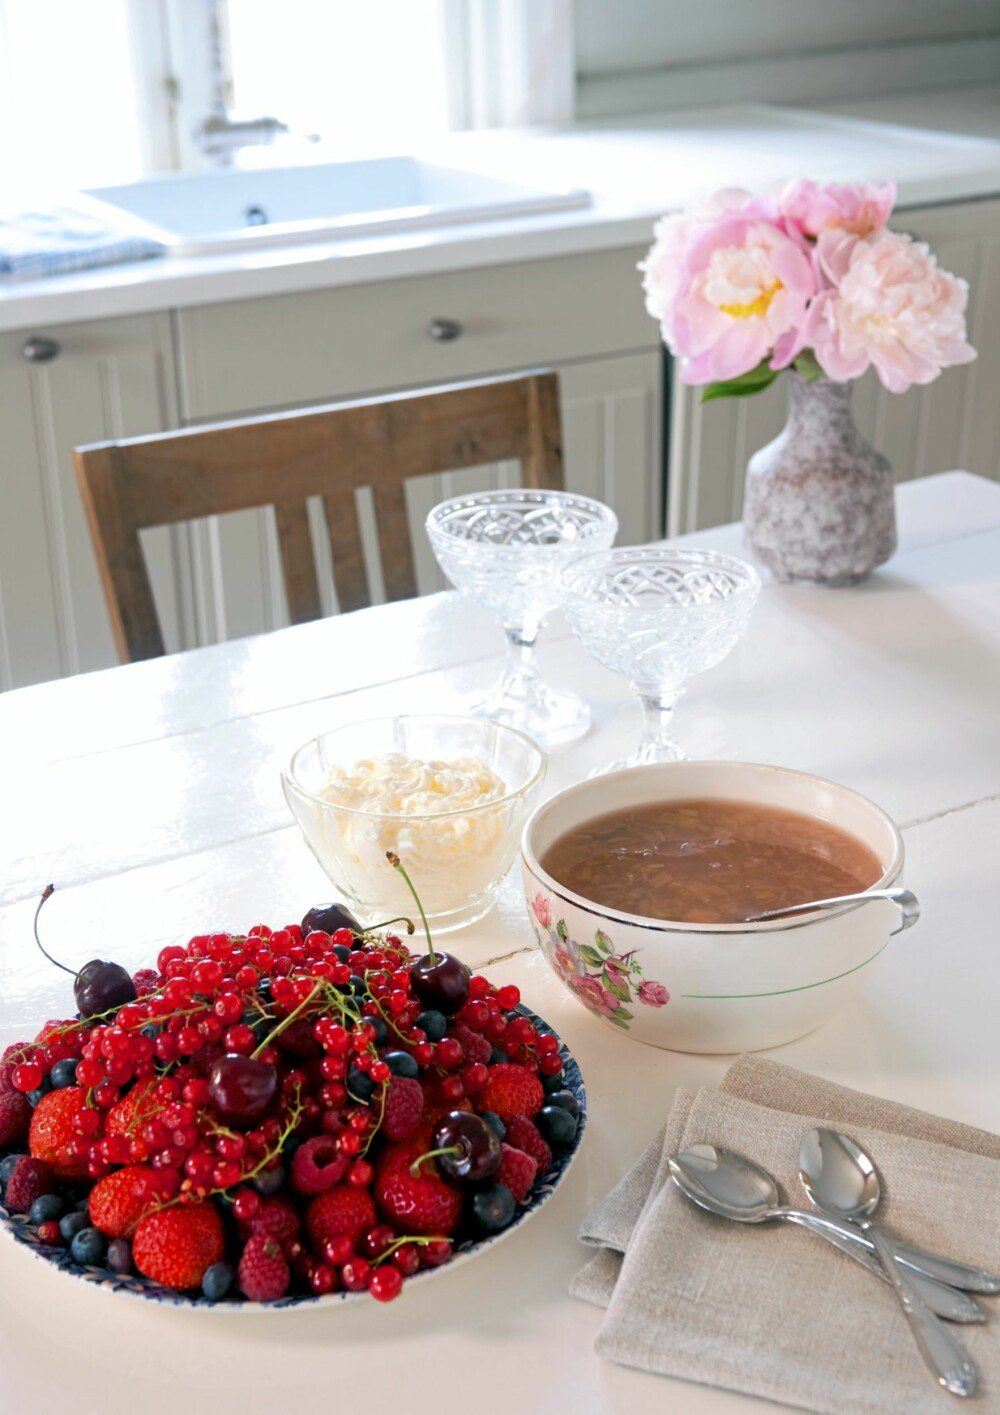 LITT SØTT TIL SLUTT: Med rabarbrasuppe og skogsbær blir menyen på kjøkkenbordet komplett.